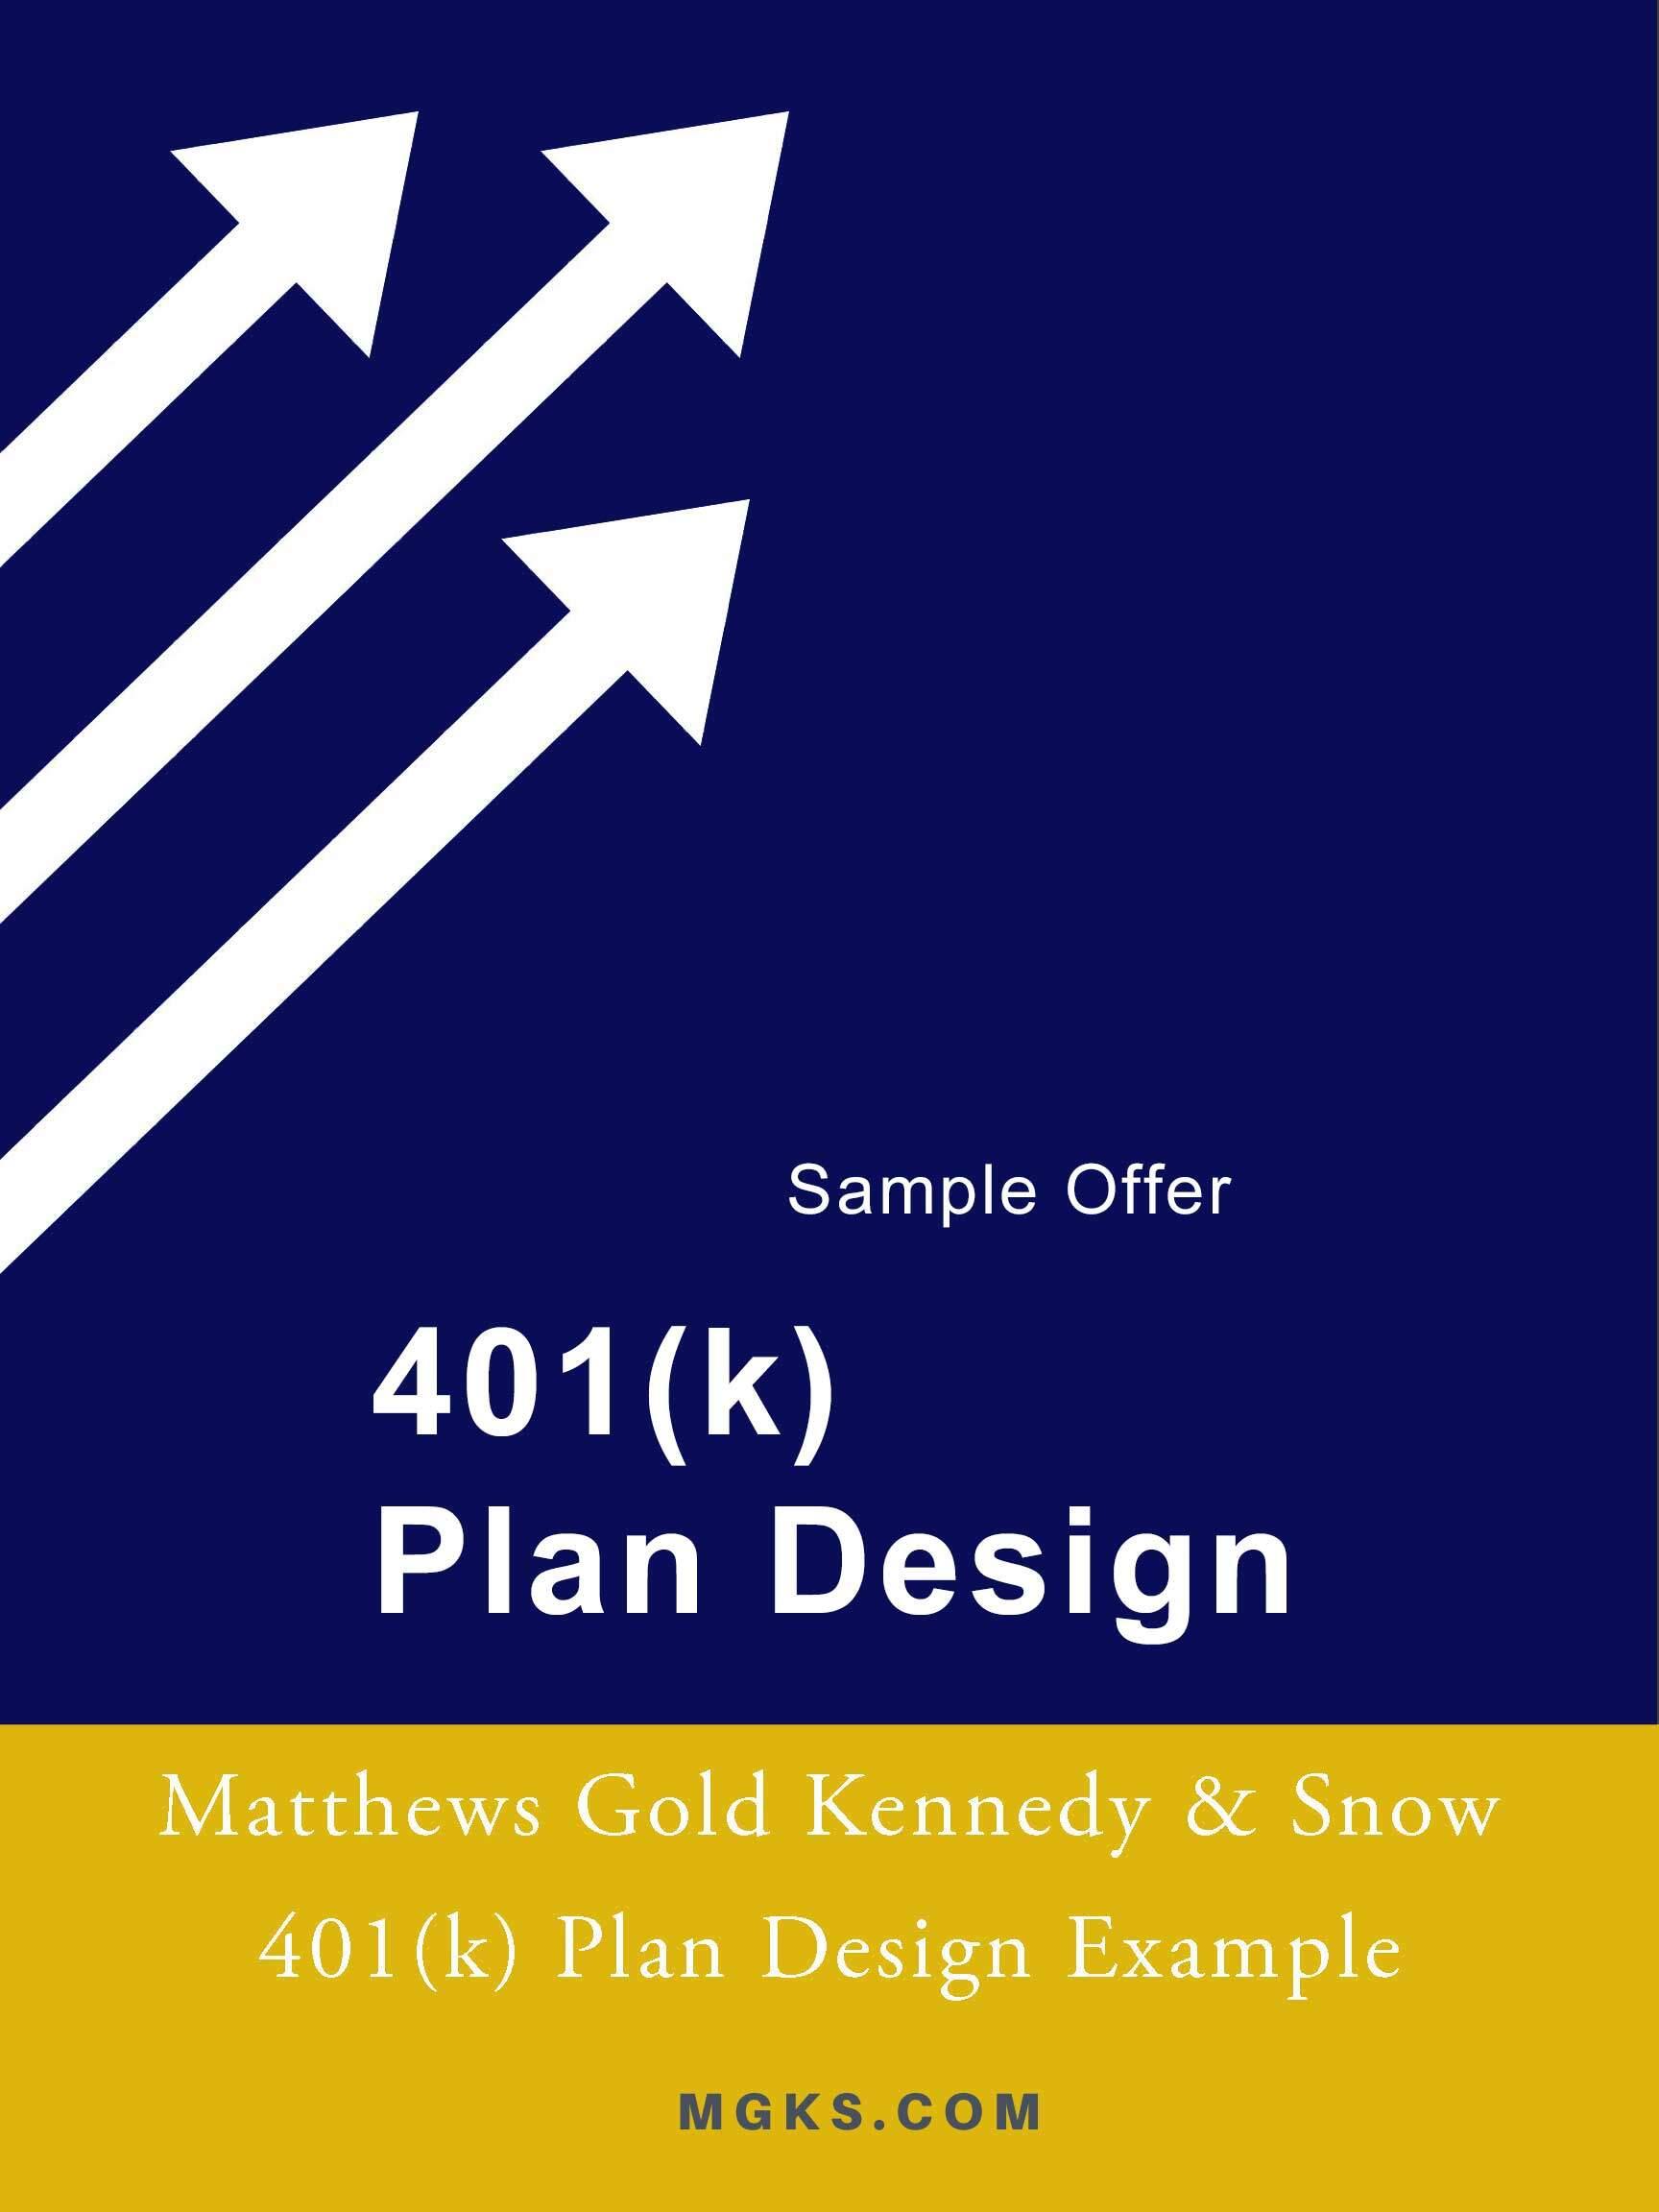 401(k) Sample E-book Offer